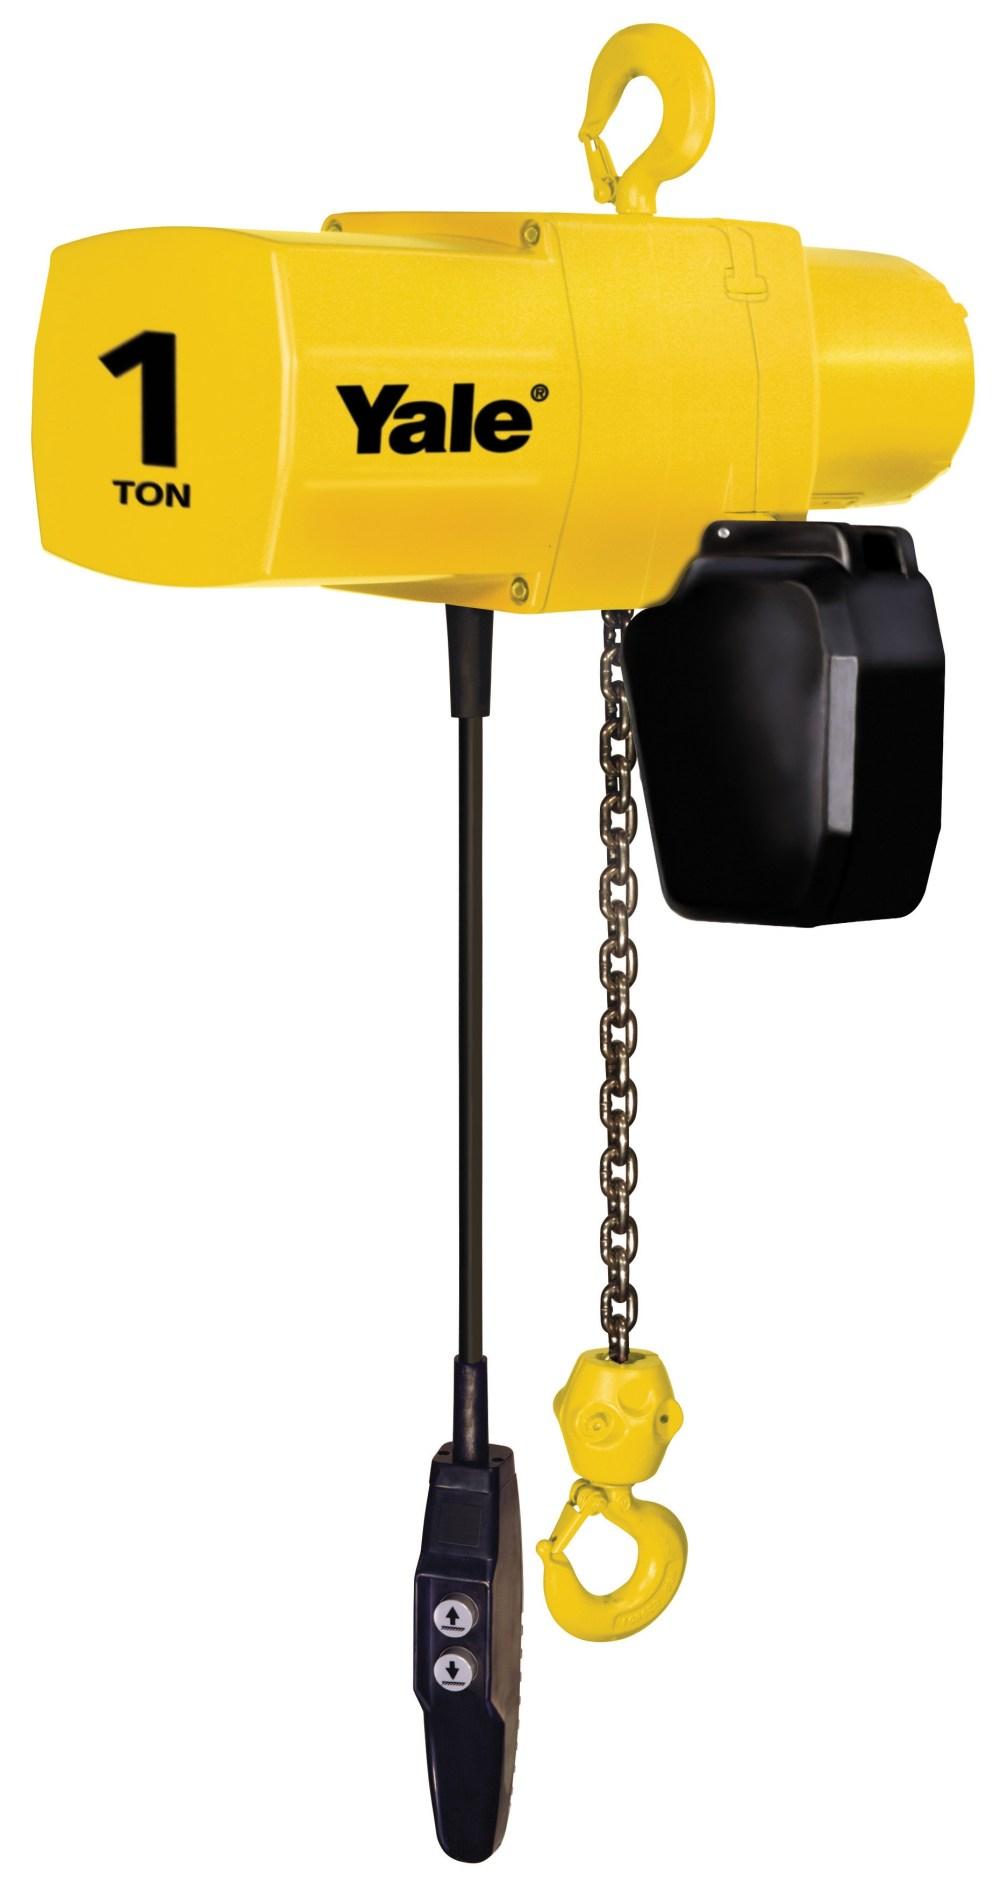 medium resolution of yale yjl electric chain hoist 1 2 ton yale yjl 3 ton yale hoist wiring diagram